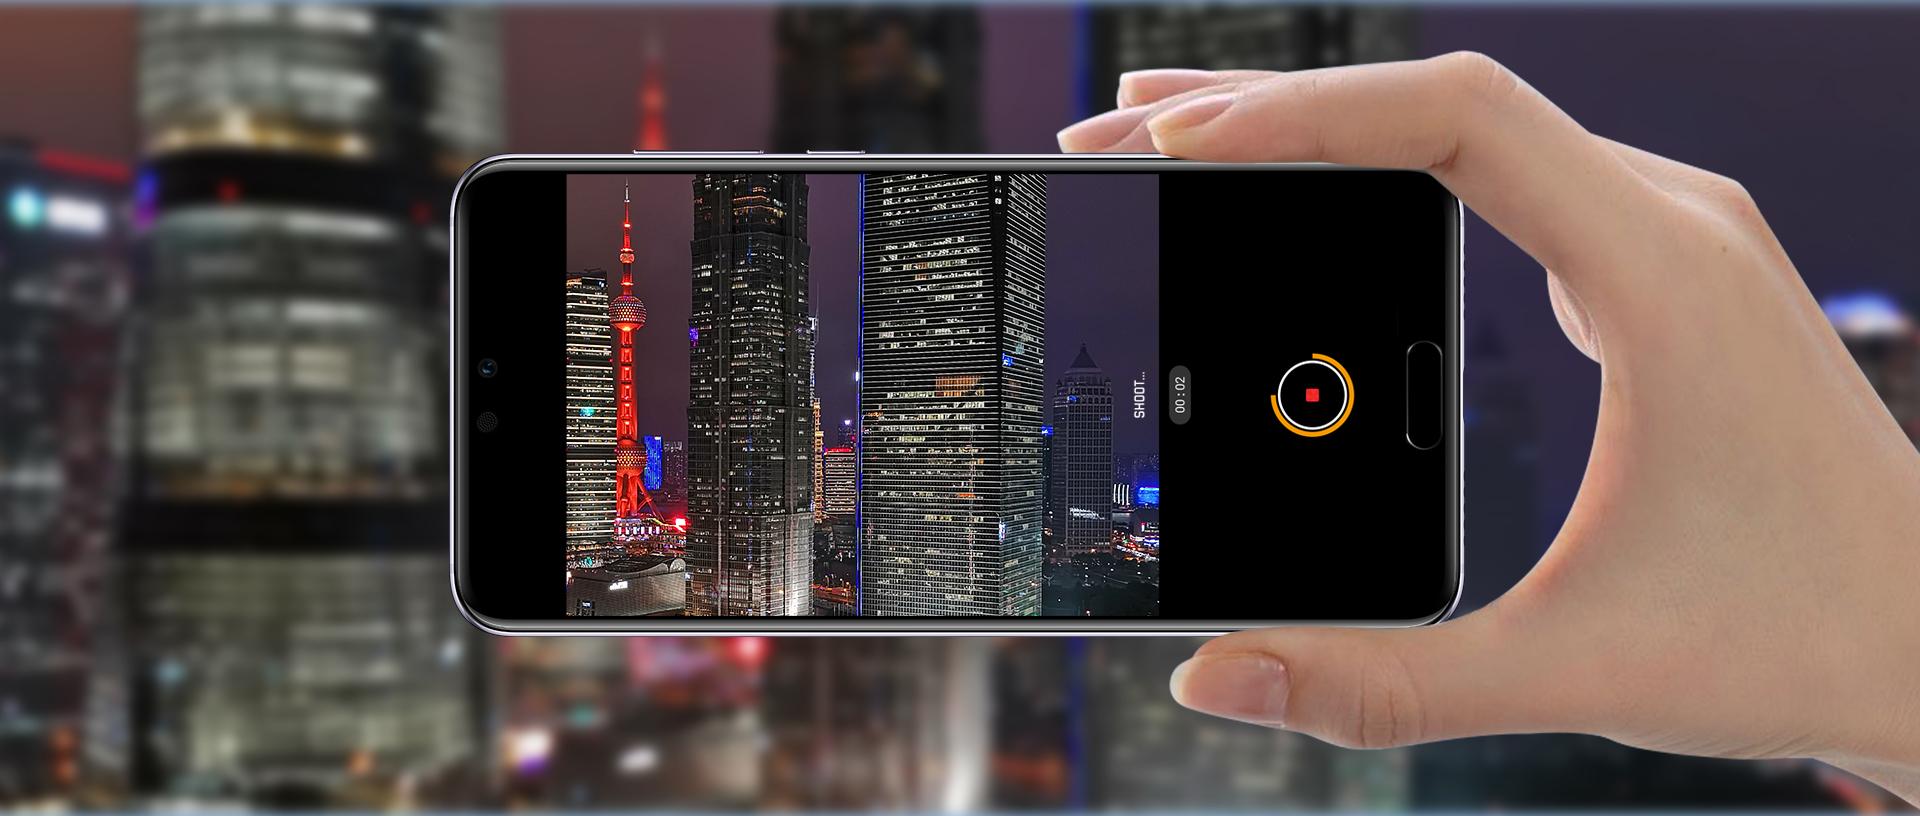 https://consumer-img.huawei.com/content/dam/huawei-cbg-site/common/mkt/pdp/phones/p20-pro-update1/img/camera/huawei-p20-pro-handheld-super-night-original.jpg